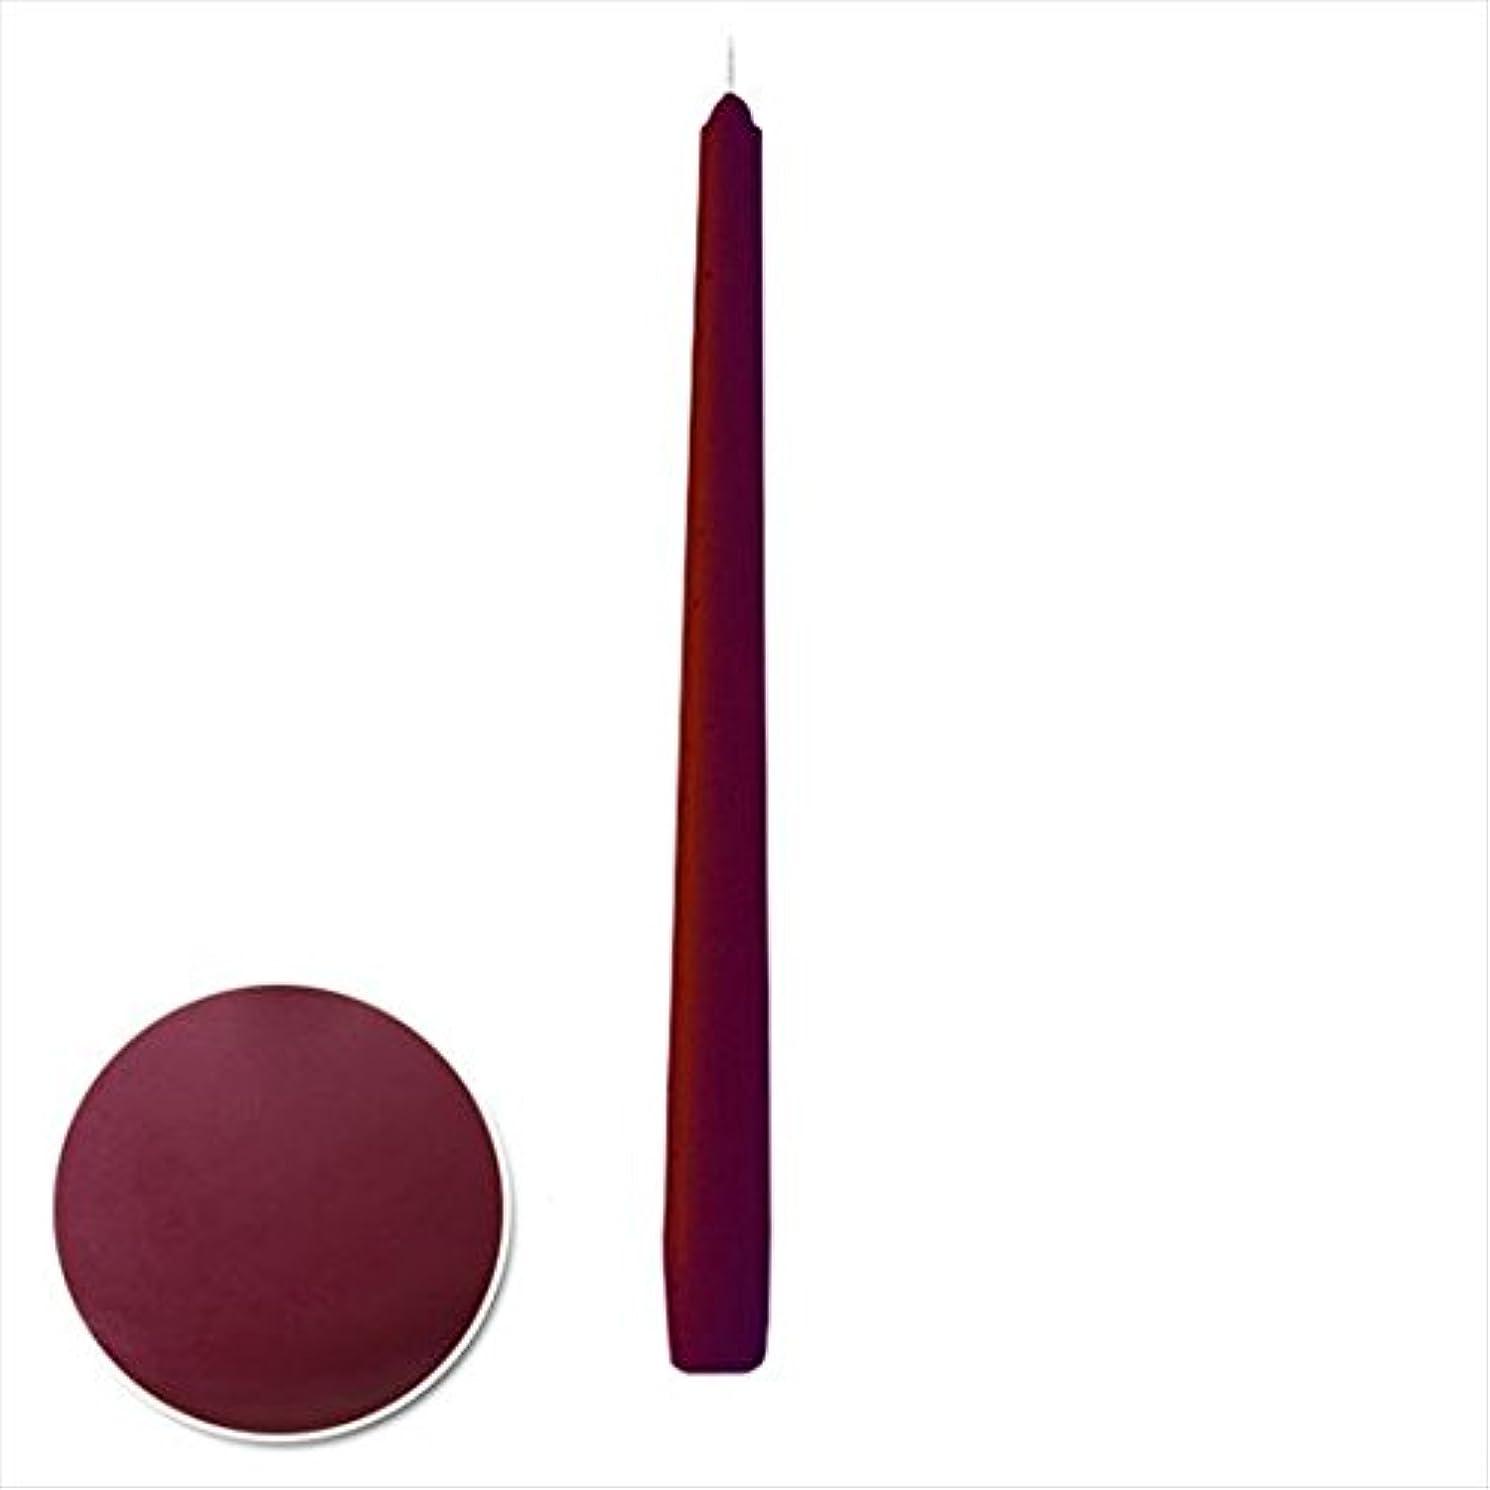 有効なハグ生き残りカメヤマキャンドル( kameyama candle ) 12インチテーパー 「 ボルドー 」 12本入り